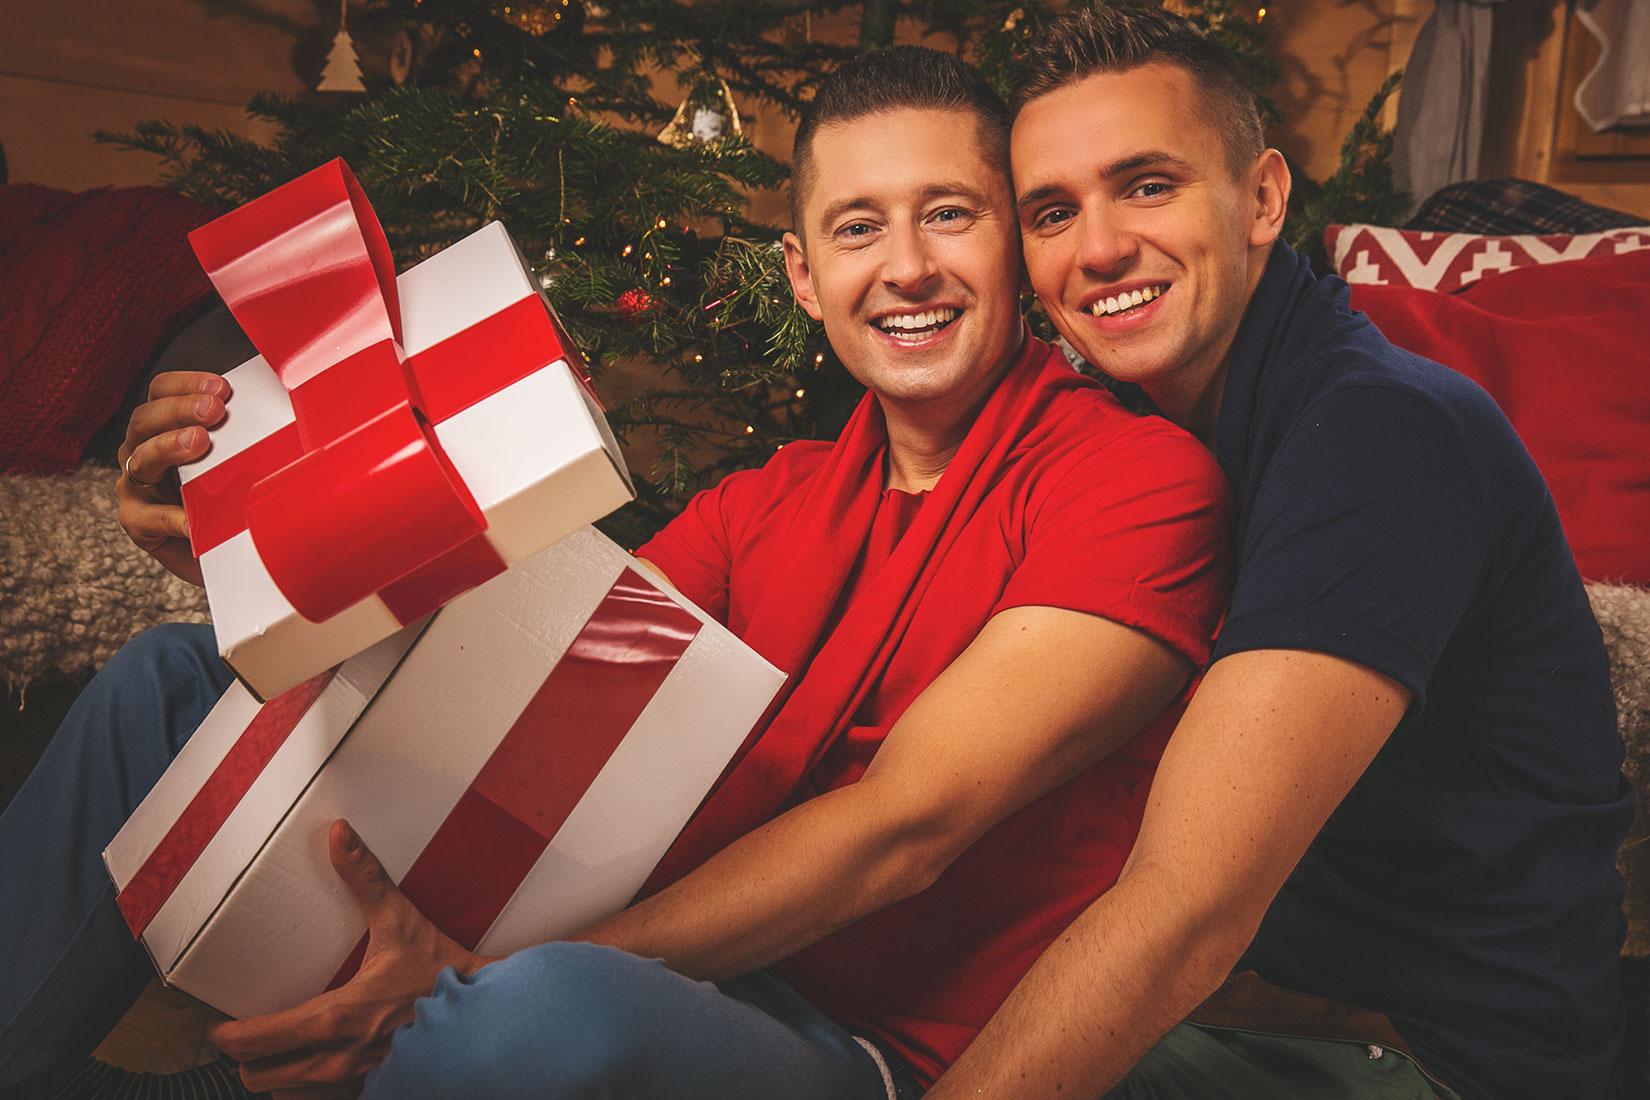 Znani geje nagrali własną piosenkę na święta (VIDEO)